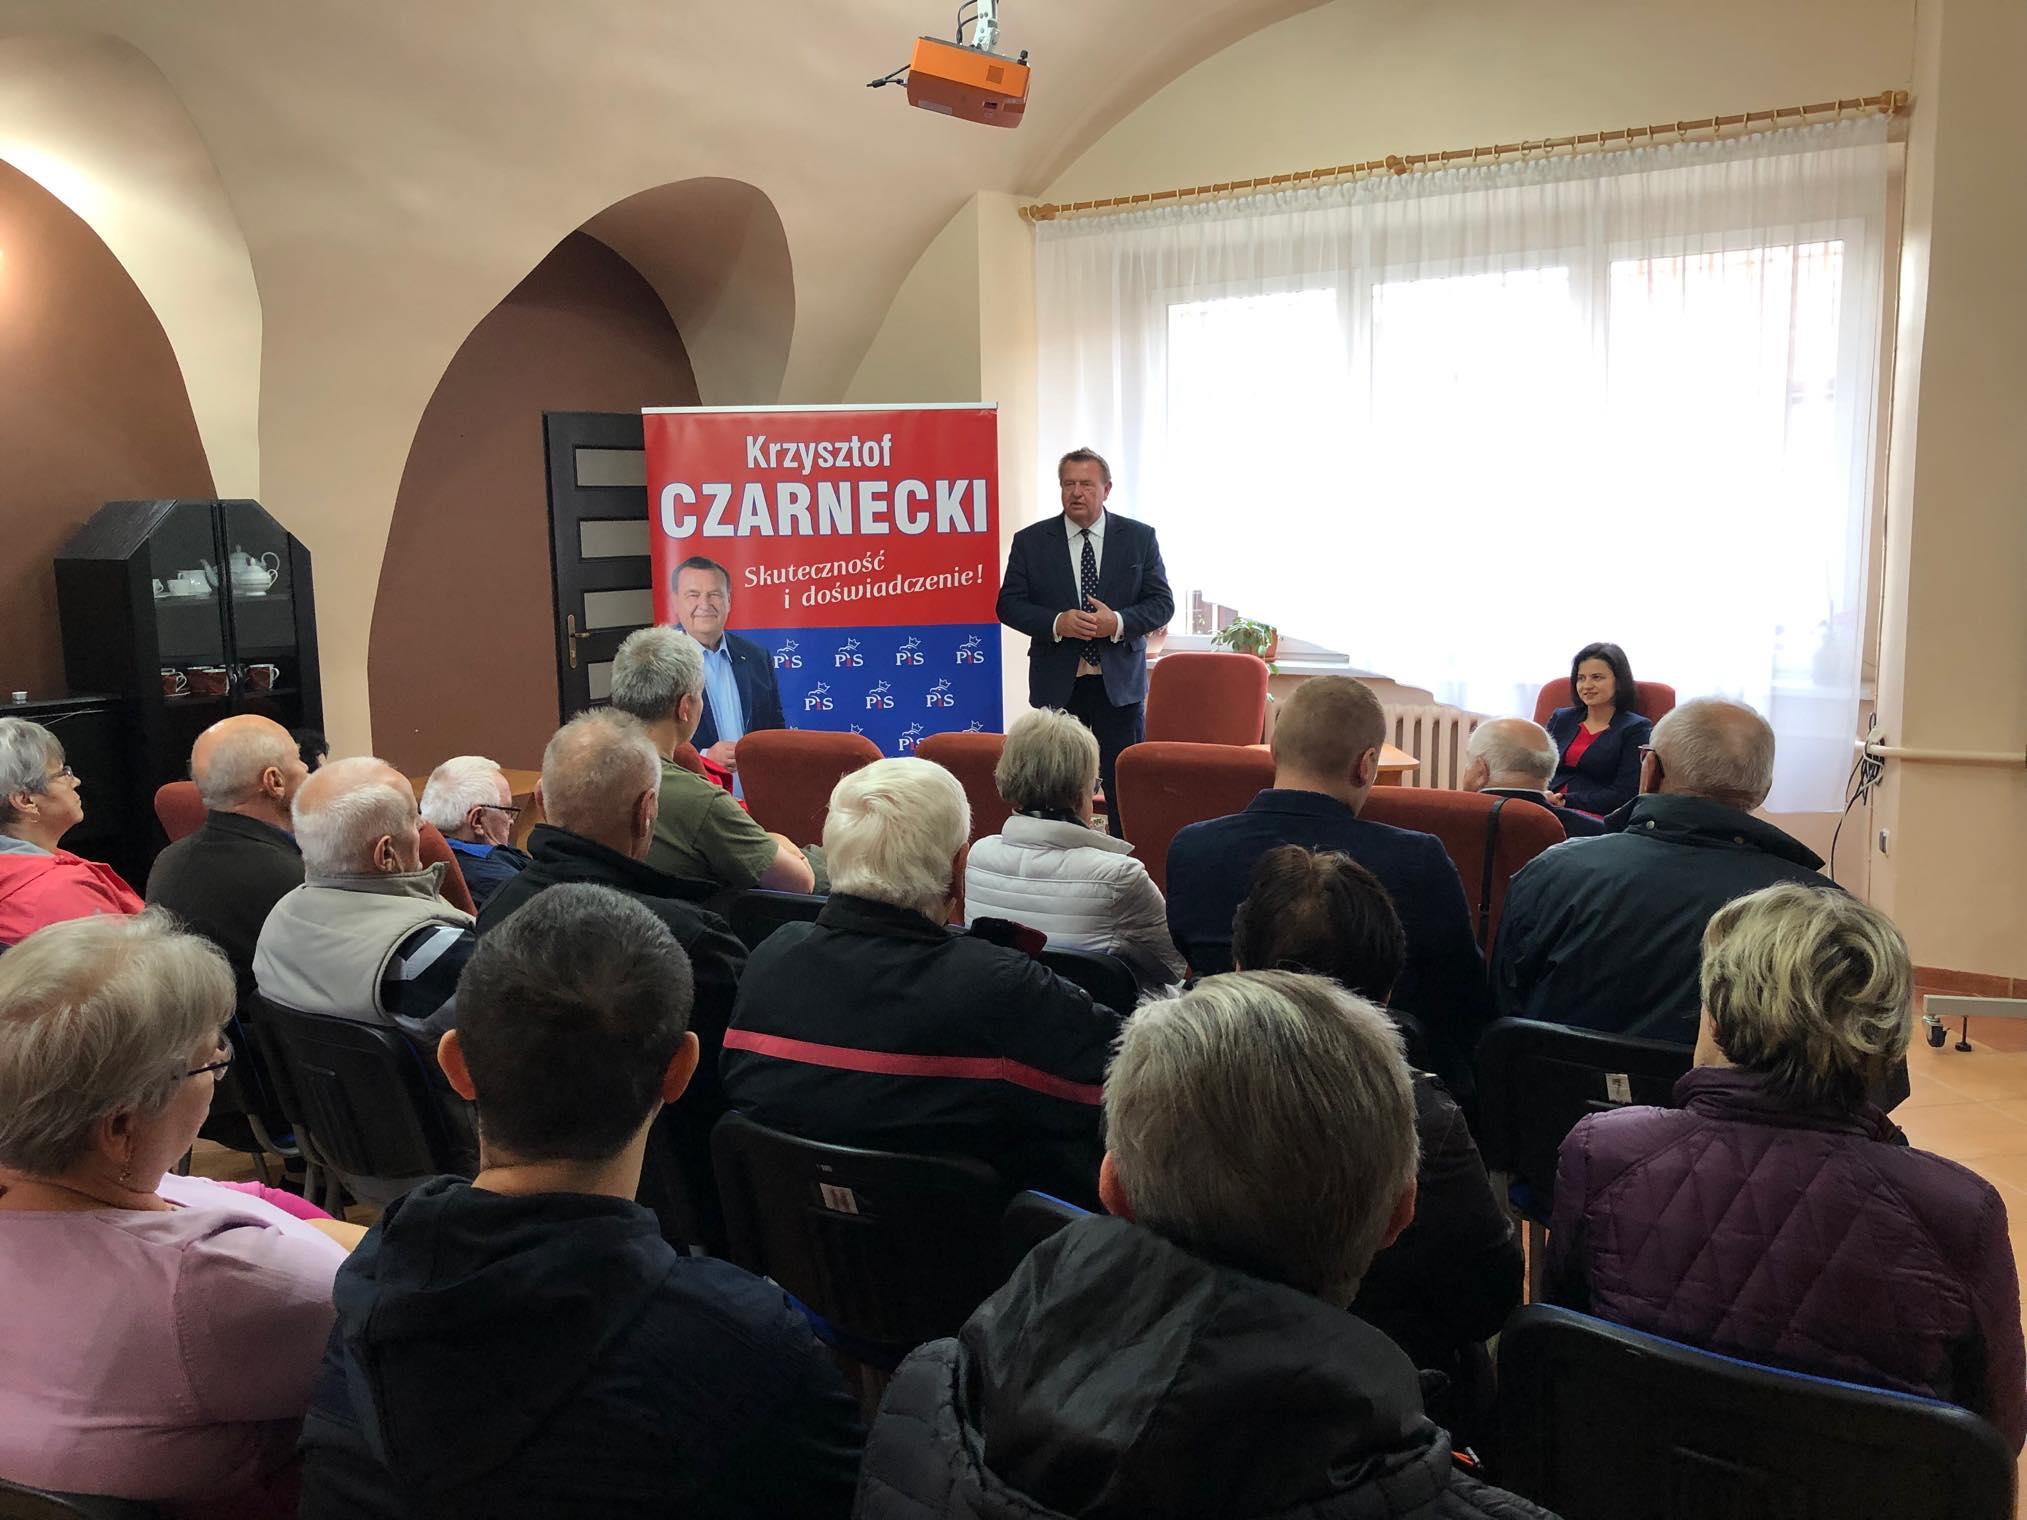 Krzysztof Czarnecki w Jastrowiu - Przemysław Stochaj